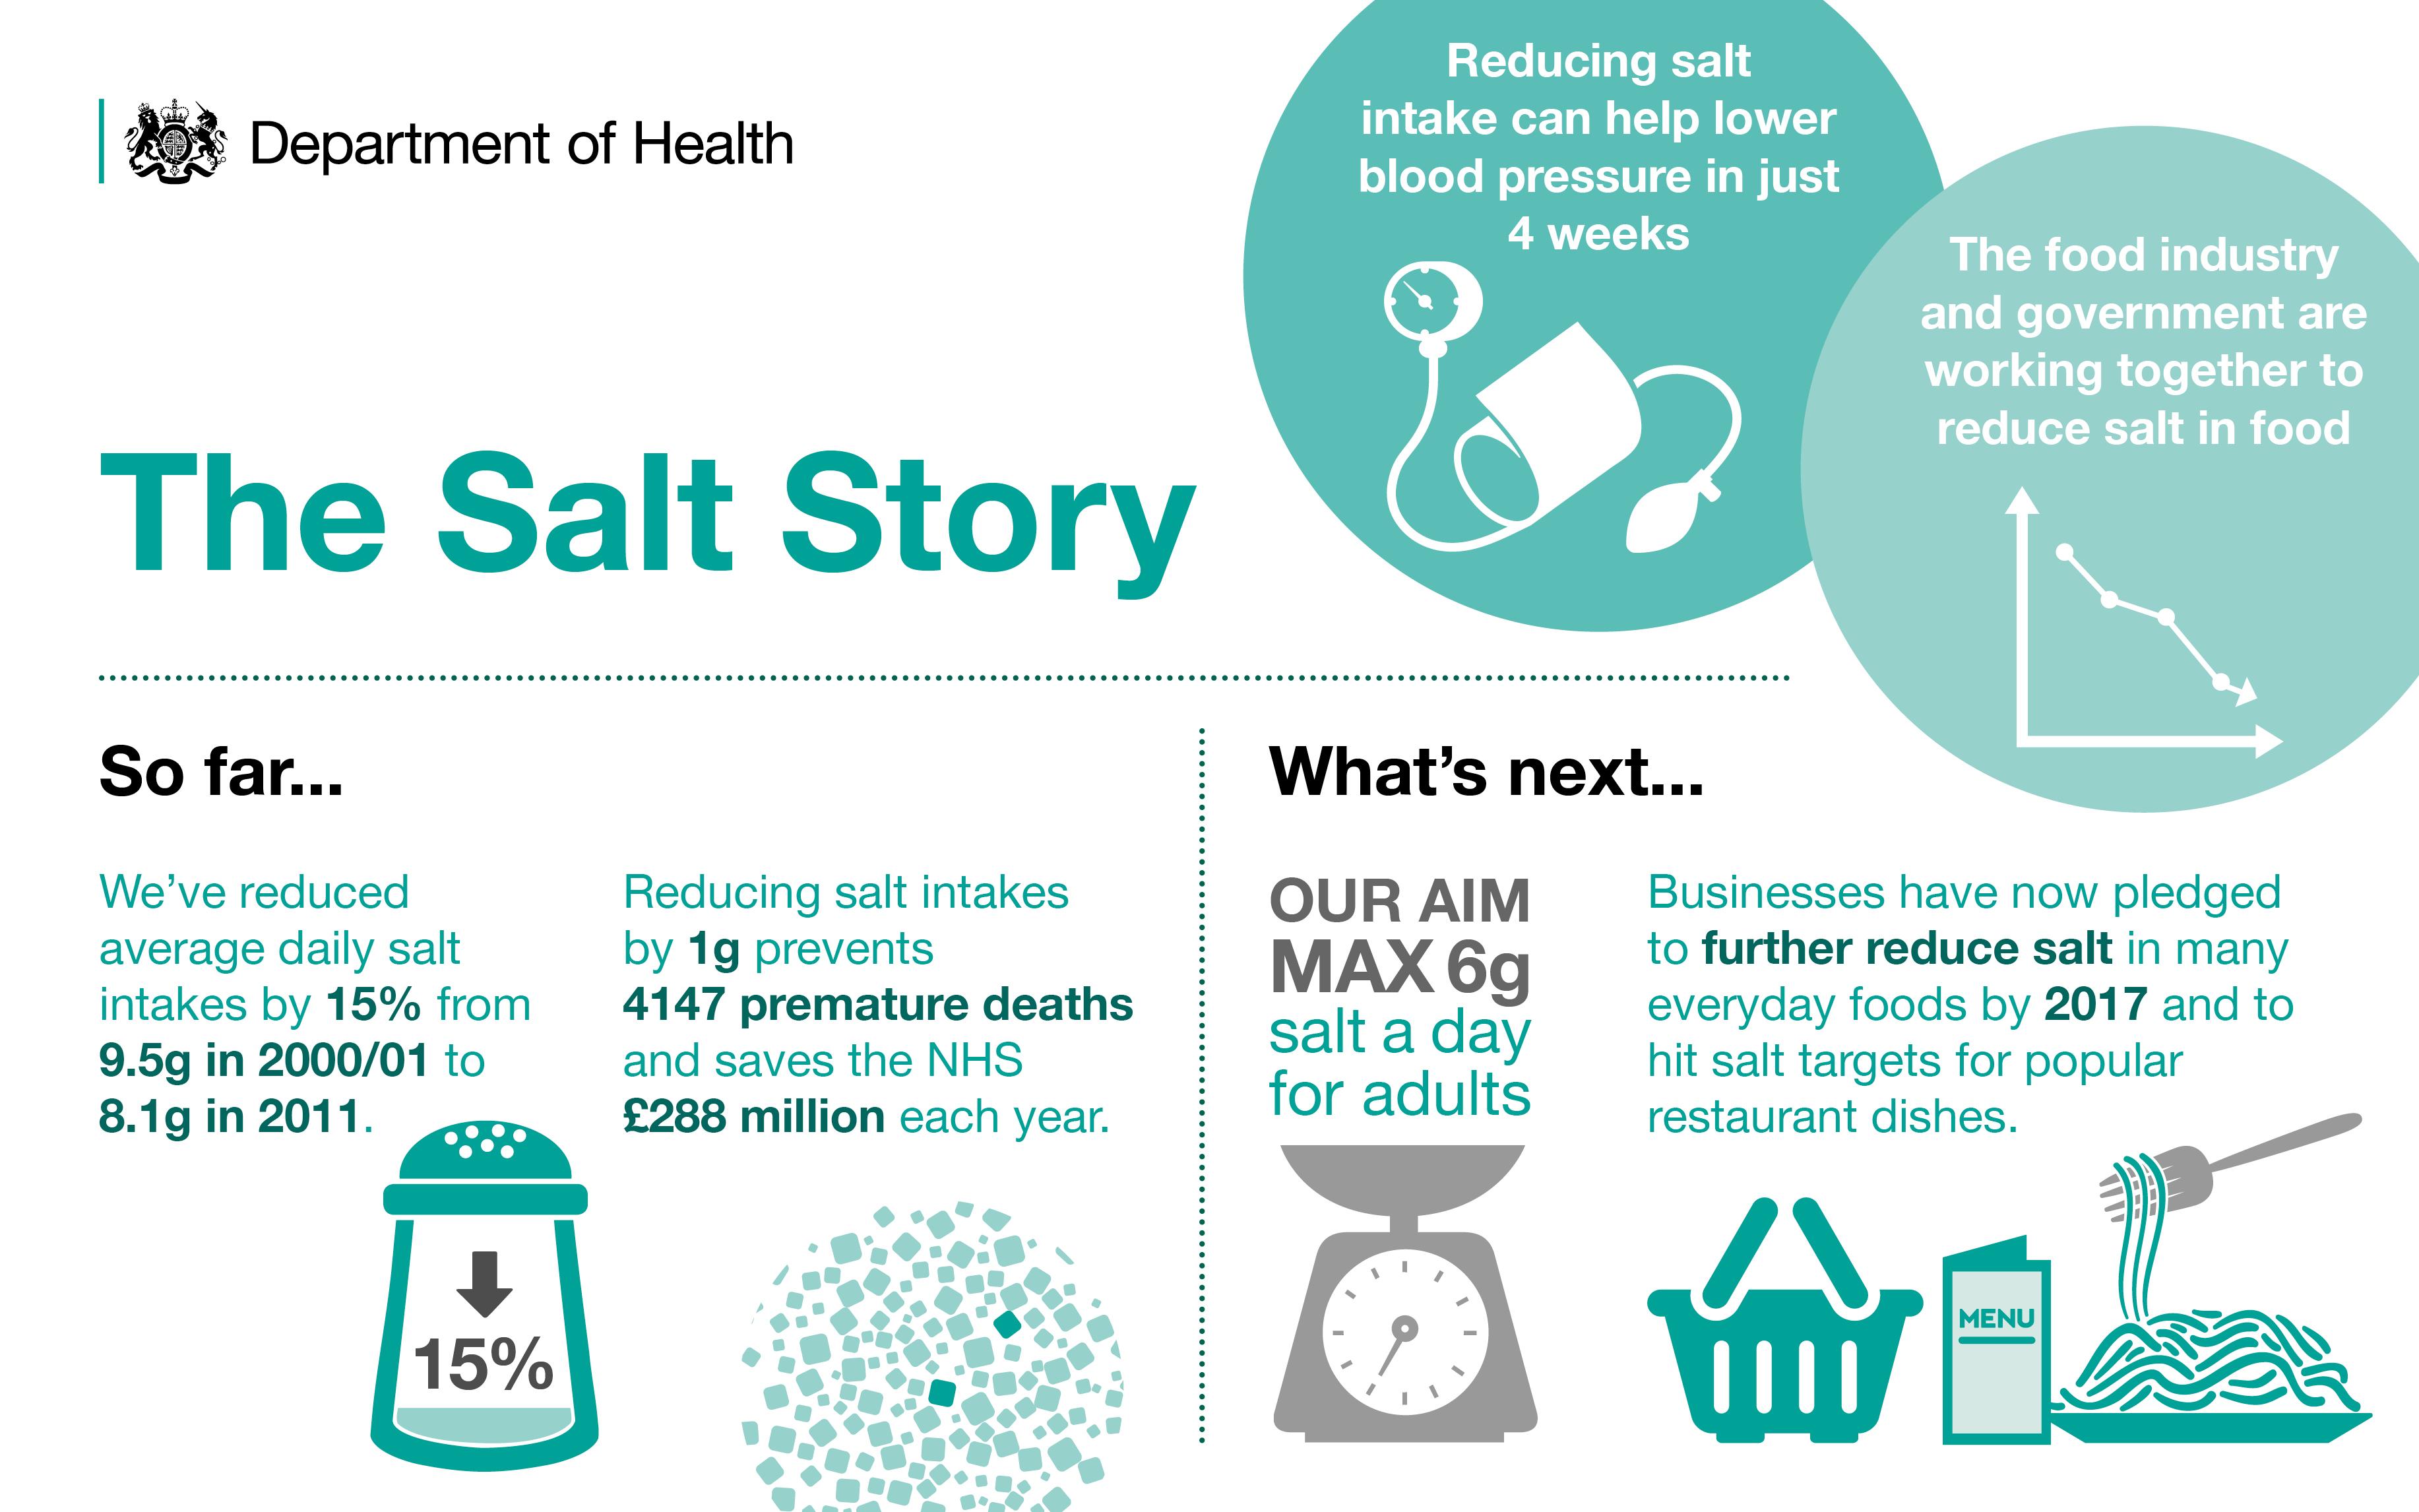 6215_DH_SR_Salt Reduction Infographic_Sept14_v2